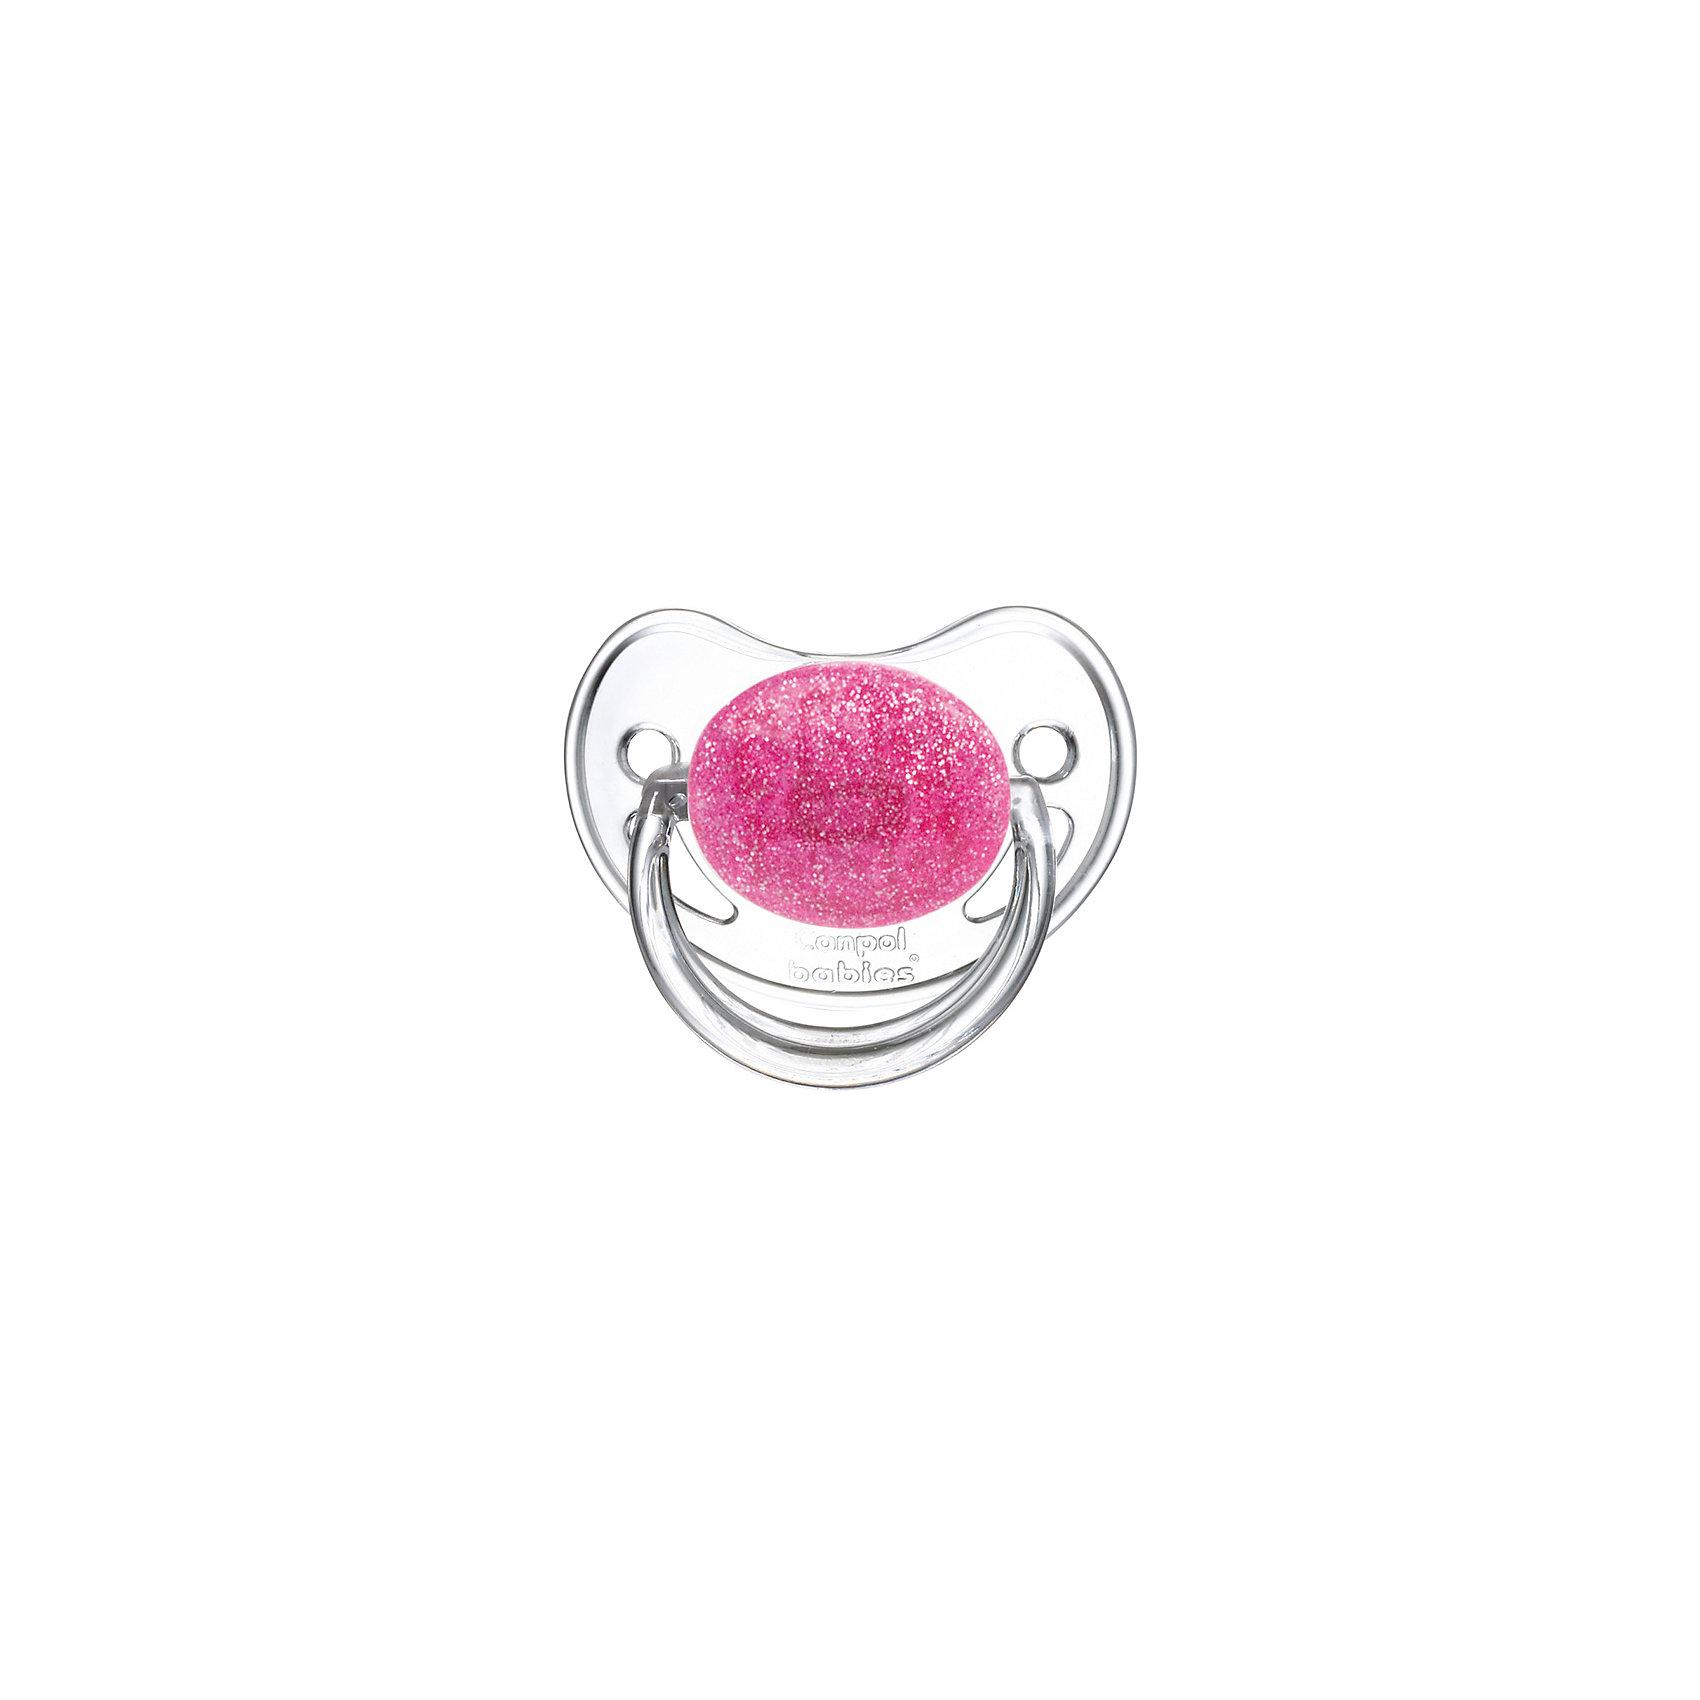 Canpol Babies Пустышка круглая латексная, 6-18 Moonlight, Canpol Babies, розовый canpol babies набор соска пустышка с держателем волшебная сказка 0 6 мес саnpol babies розовый